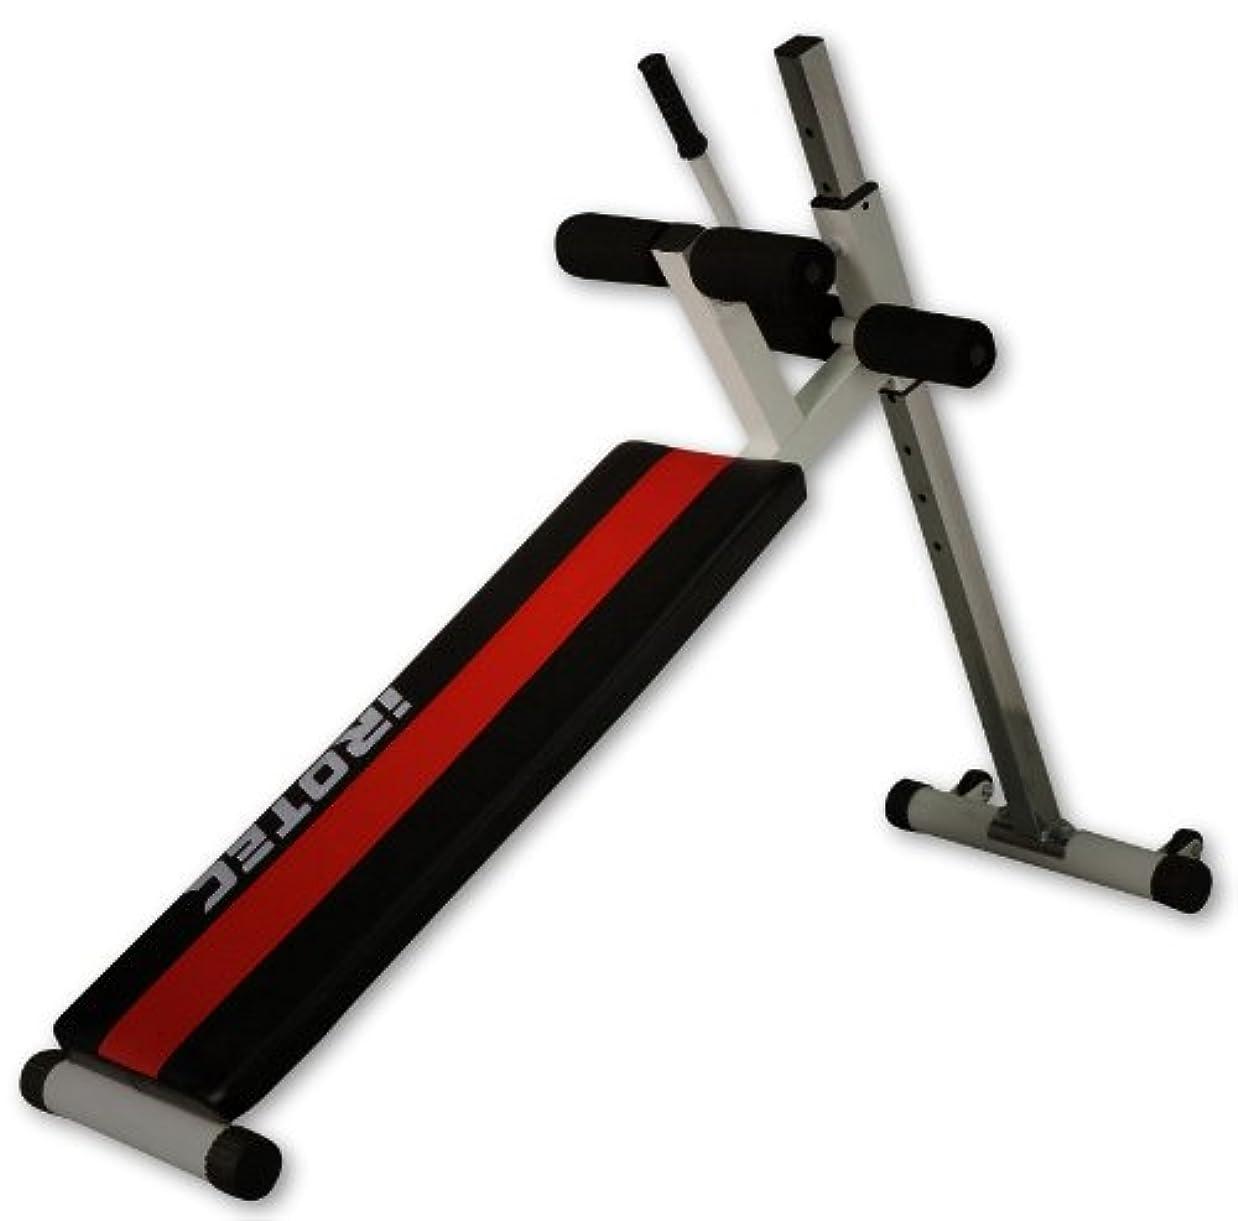 ステートメントカバレッジバンIROTEC (アイロテック) パワークランチベンチ/腹筋 腹筋マシン 腹筋トレーニング器具 筋トレ ダイエット器具